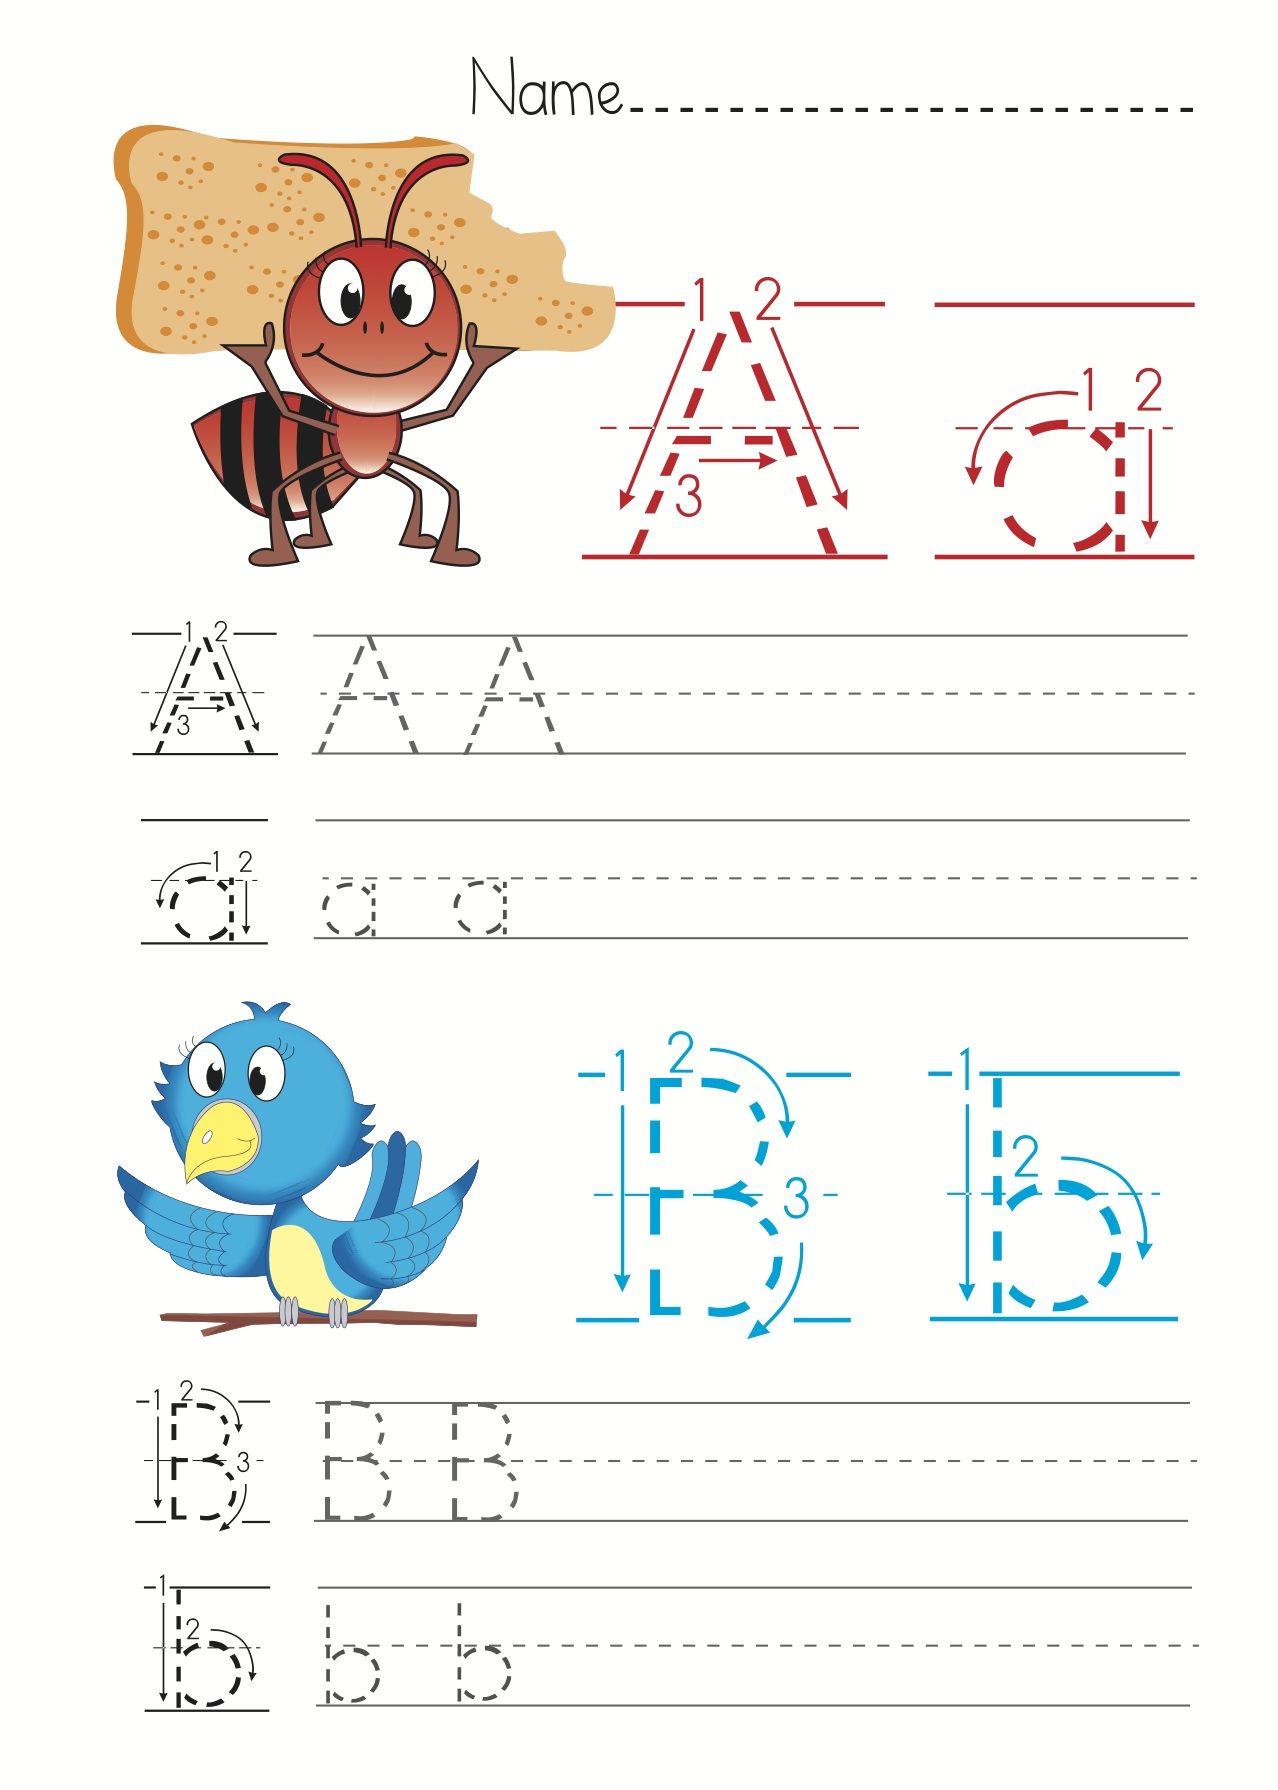 Free Alphabet Letter Worksheets Children #educational